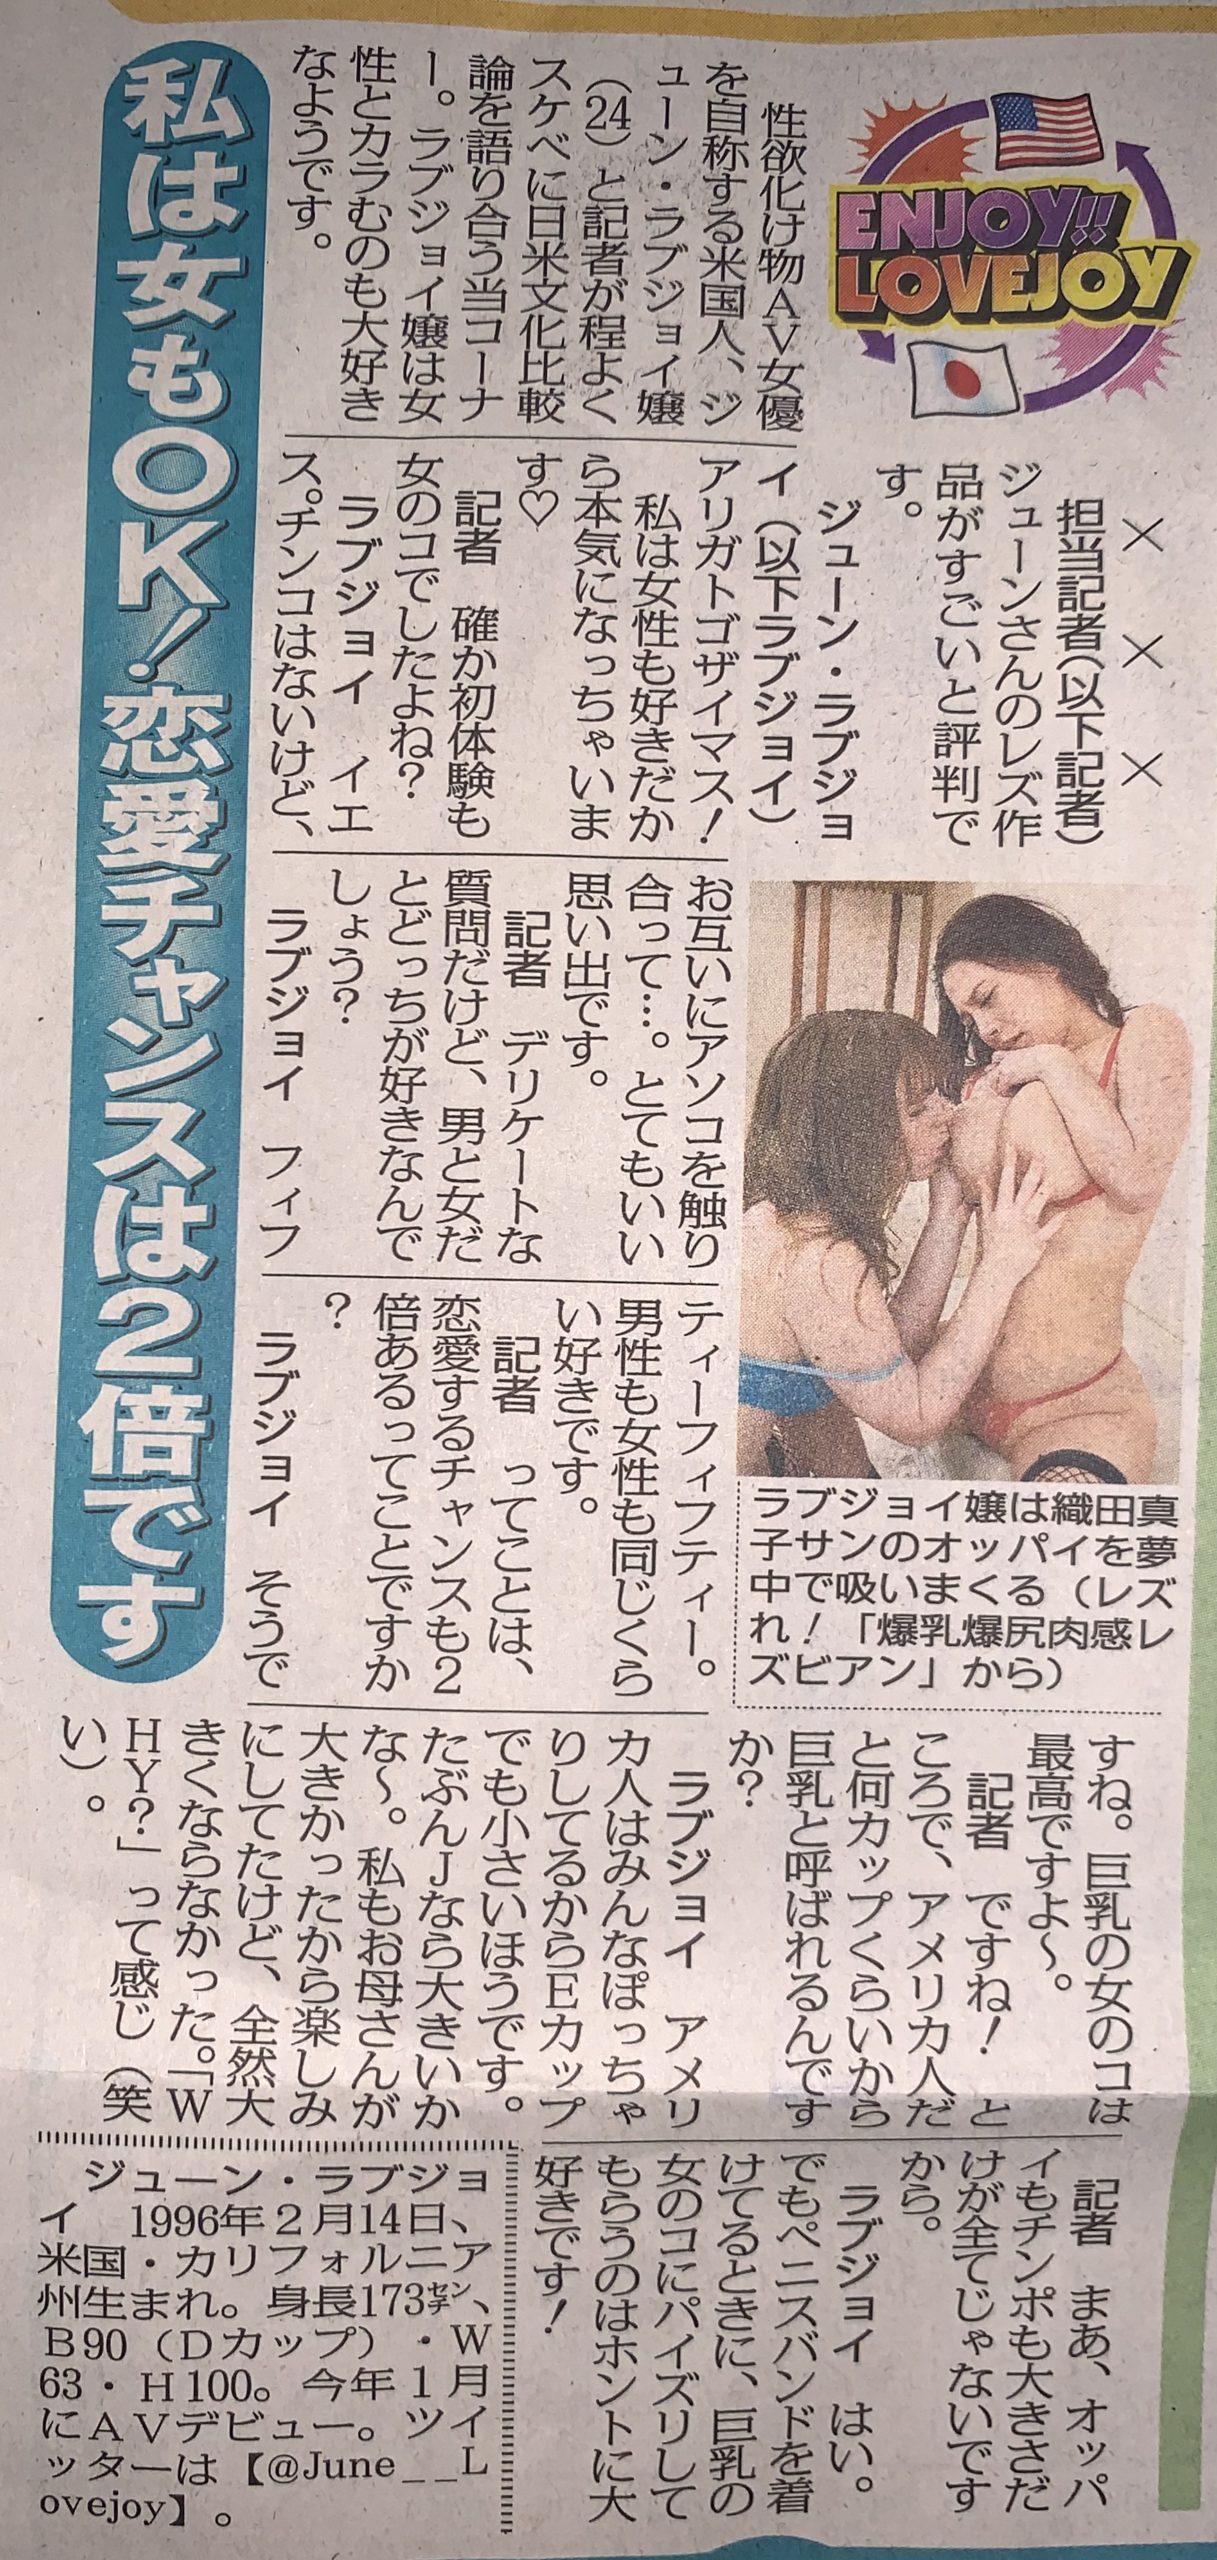 東京スポーツ ENJOY!!LOVEJOY 6/21/2020